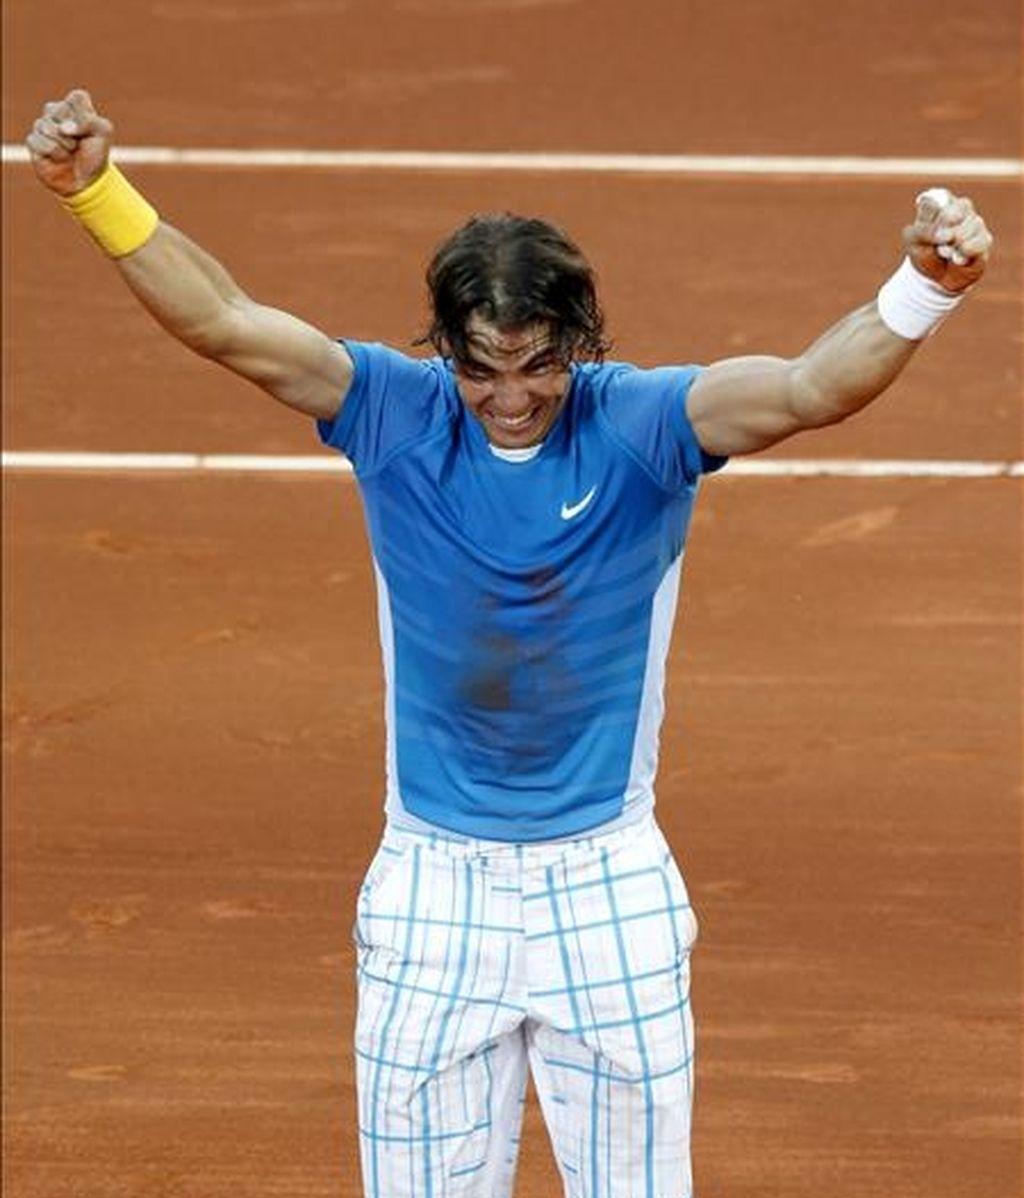 El tenista español Rafa Nadal celebra la victoria tras ganar al suizo Roger Federer en la final del Masters 1000 de Madrid. EFE/Archivo